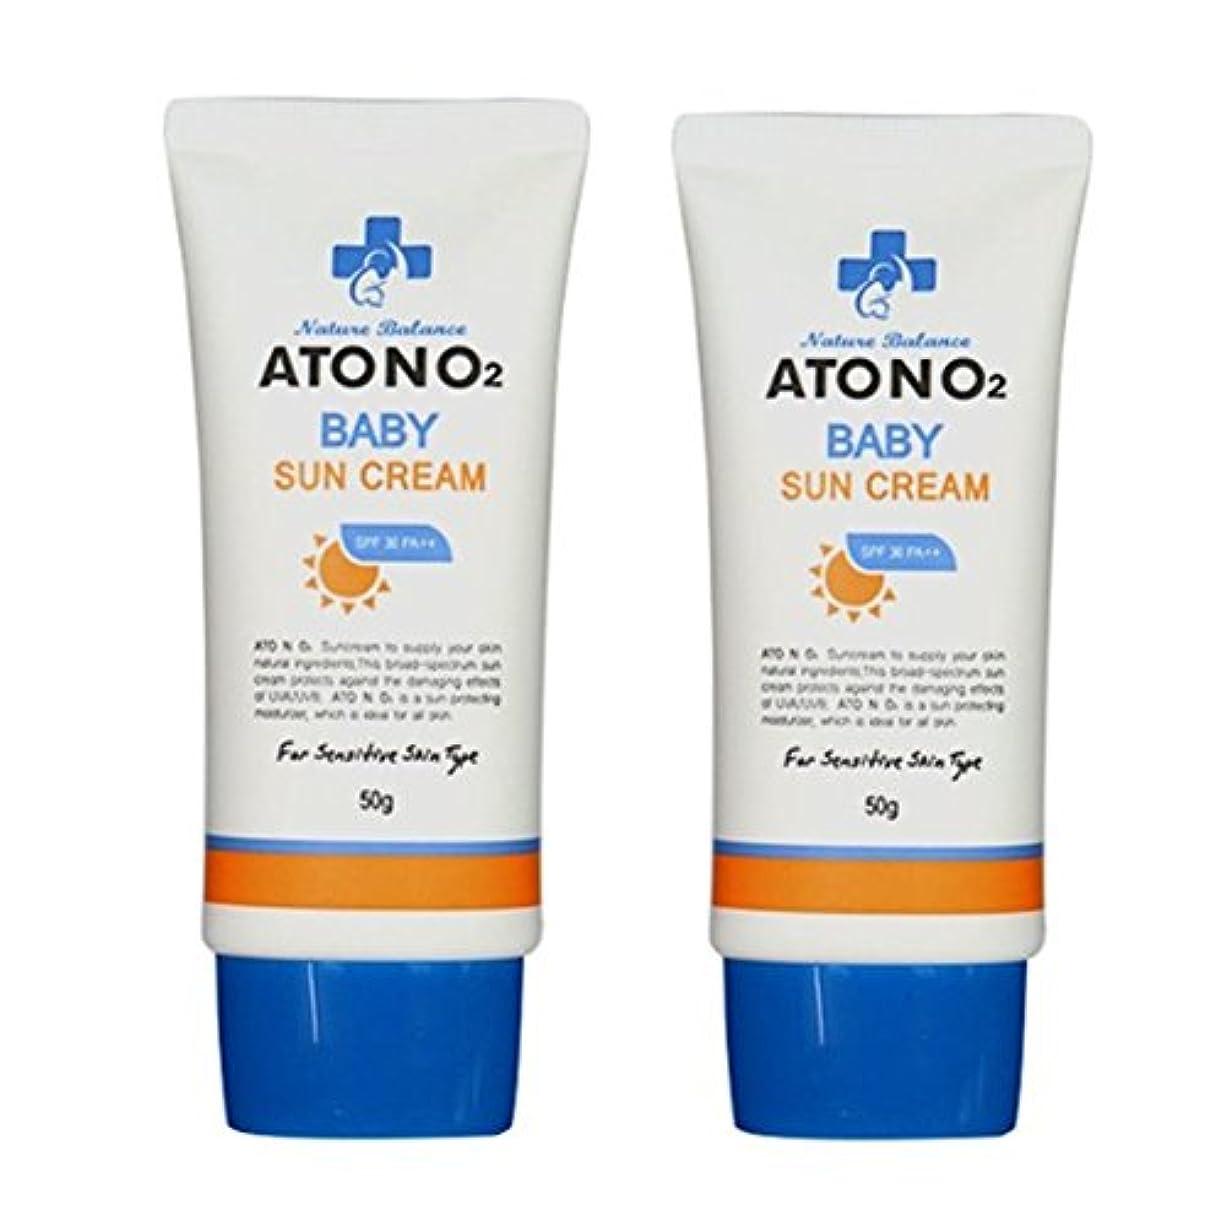 病気だと思う考える製造(ATONO2) ベビーサン?クリーム (SPF30/PA++) 50g x 2本セット ATONO2 Baby Sun Cream (SPF30/PA++) 50g x 2ea Set [並行輸入品]